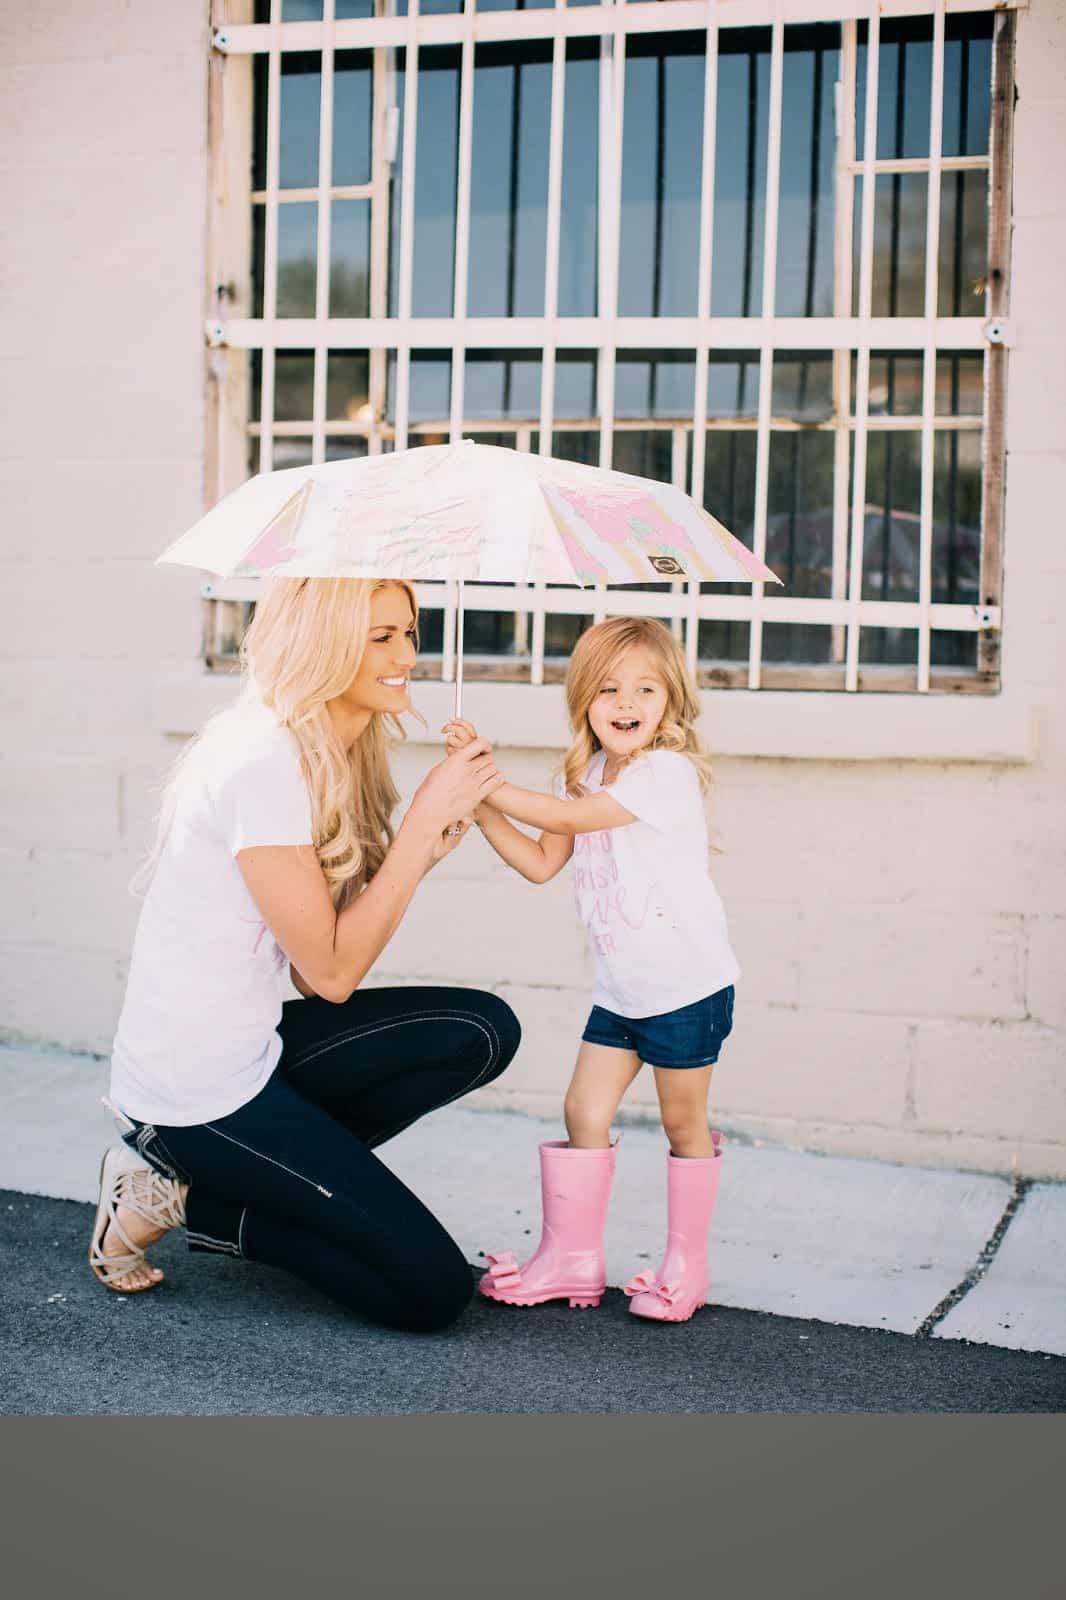 ddddddddddd 100 Cutest Matching Mother Daughter Outfits on Internet So Far